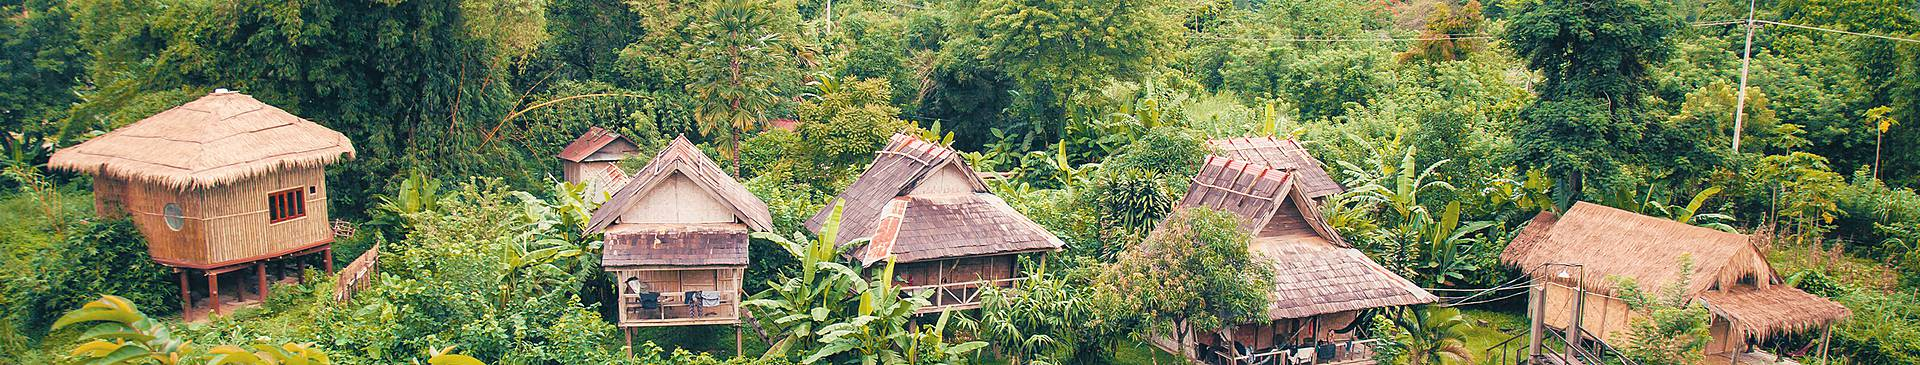 Winter in Laos